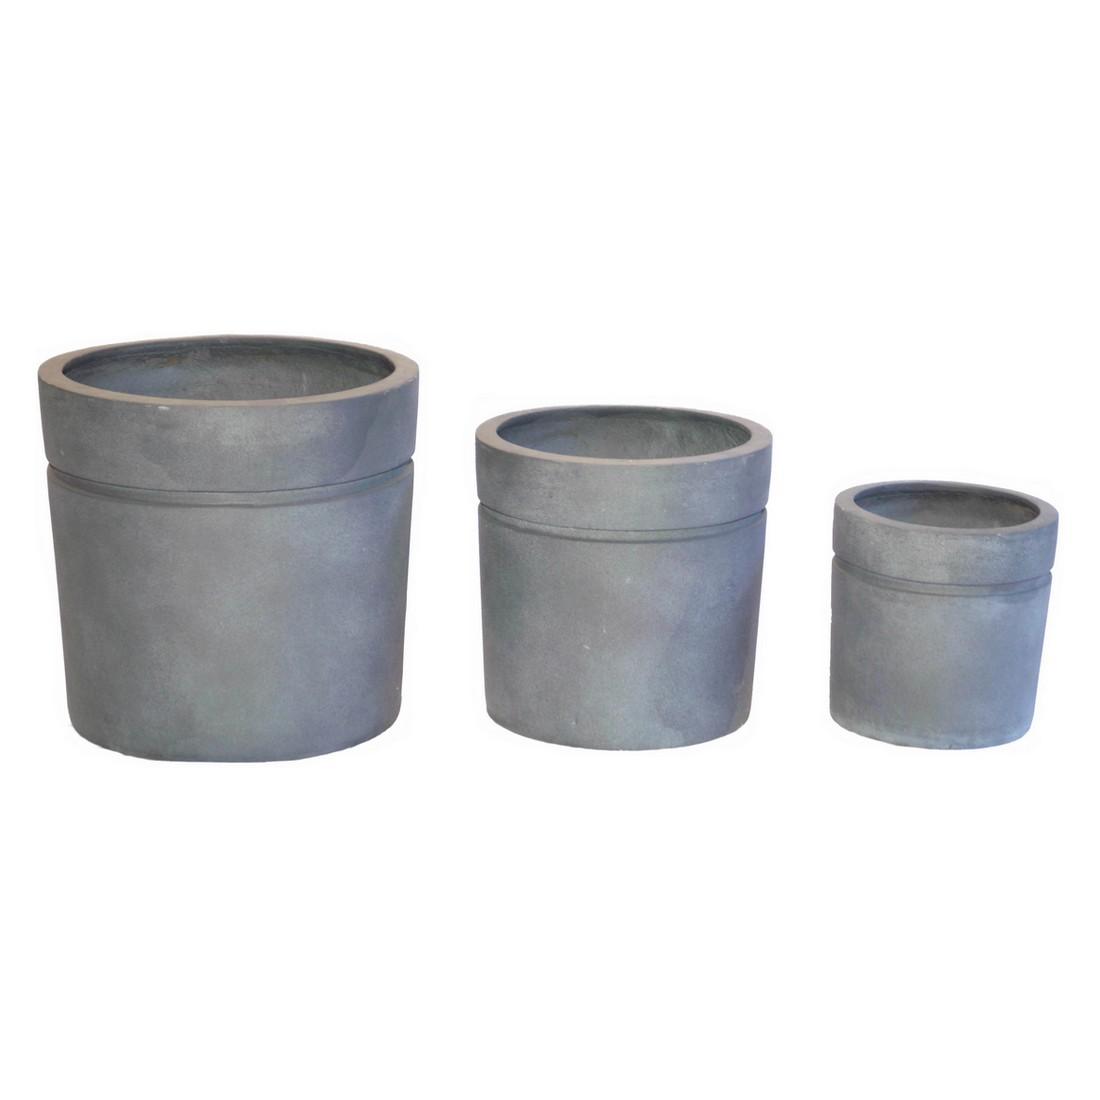 Pflanzkübel ISI Lead – Kunststoff – Desgin Rund – Höhe: 38 cm Ø: 40 cm (einzeln), Viducci's Garden günstig kaufen